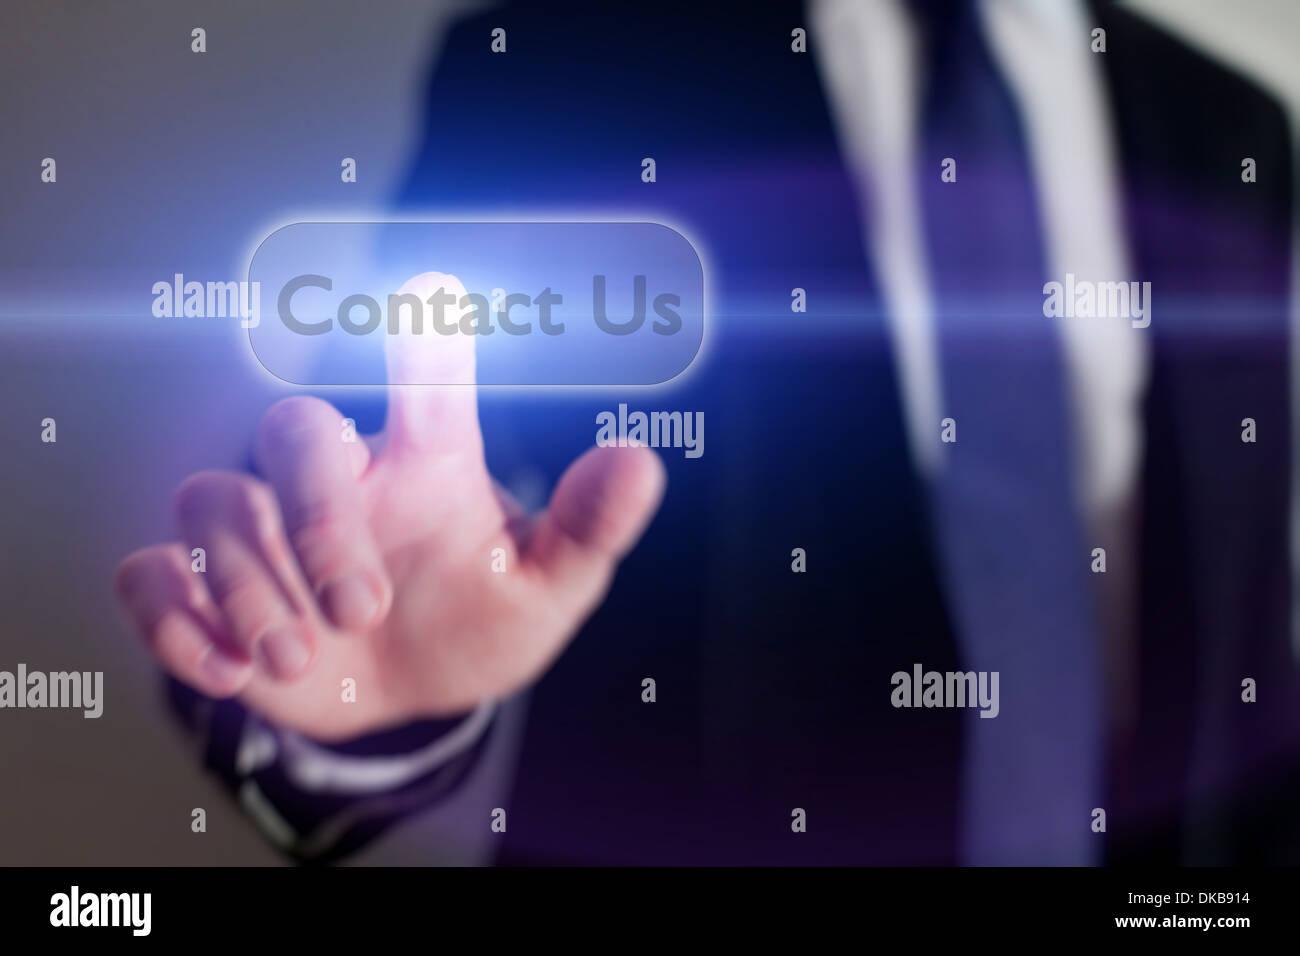 Póngase en contacto con nosotros botón en la pantalla táctil Imagen De Stock